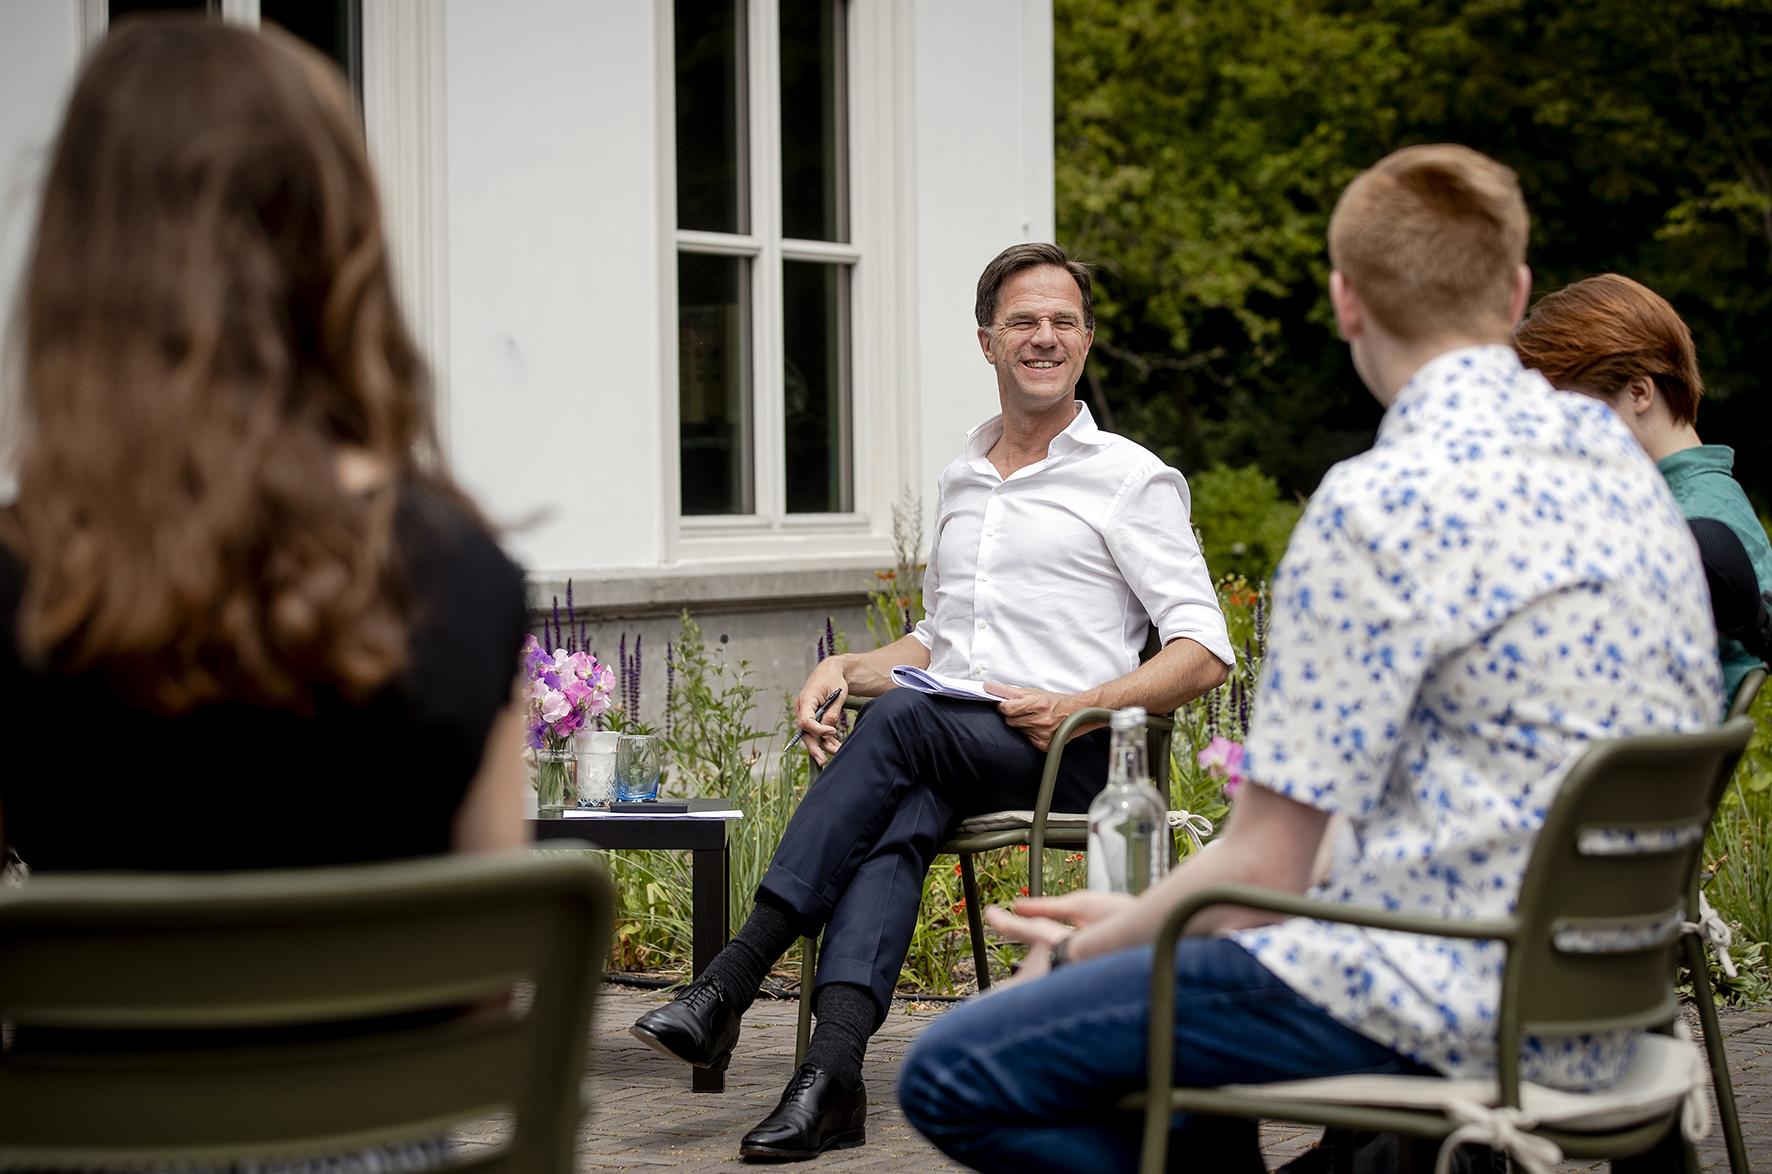 Op deze foto zie je Premier Mark Rutte die jongeren op het Catshuis ontvangt voor een informeel gesprek over hoe zij de afgelopen periode ervaren hebben tijdens de coronacrisis.